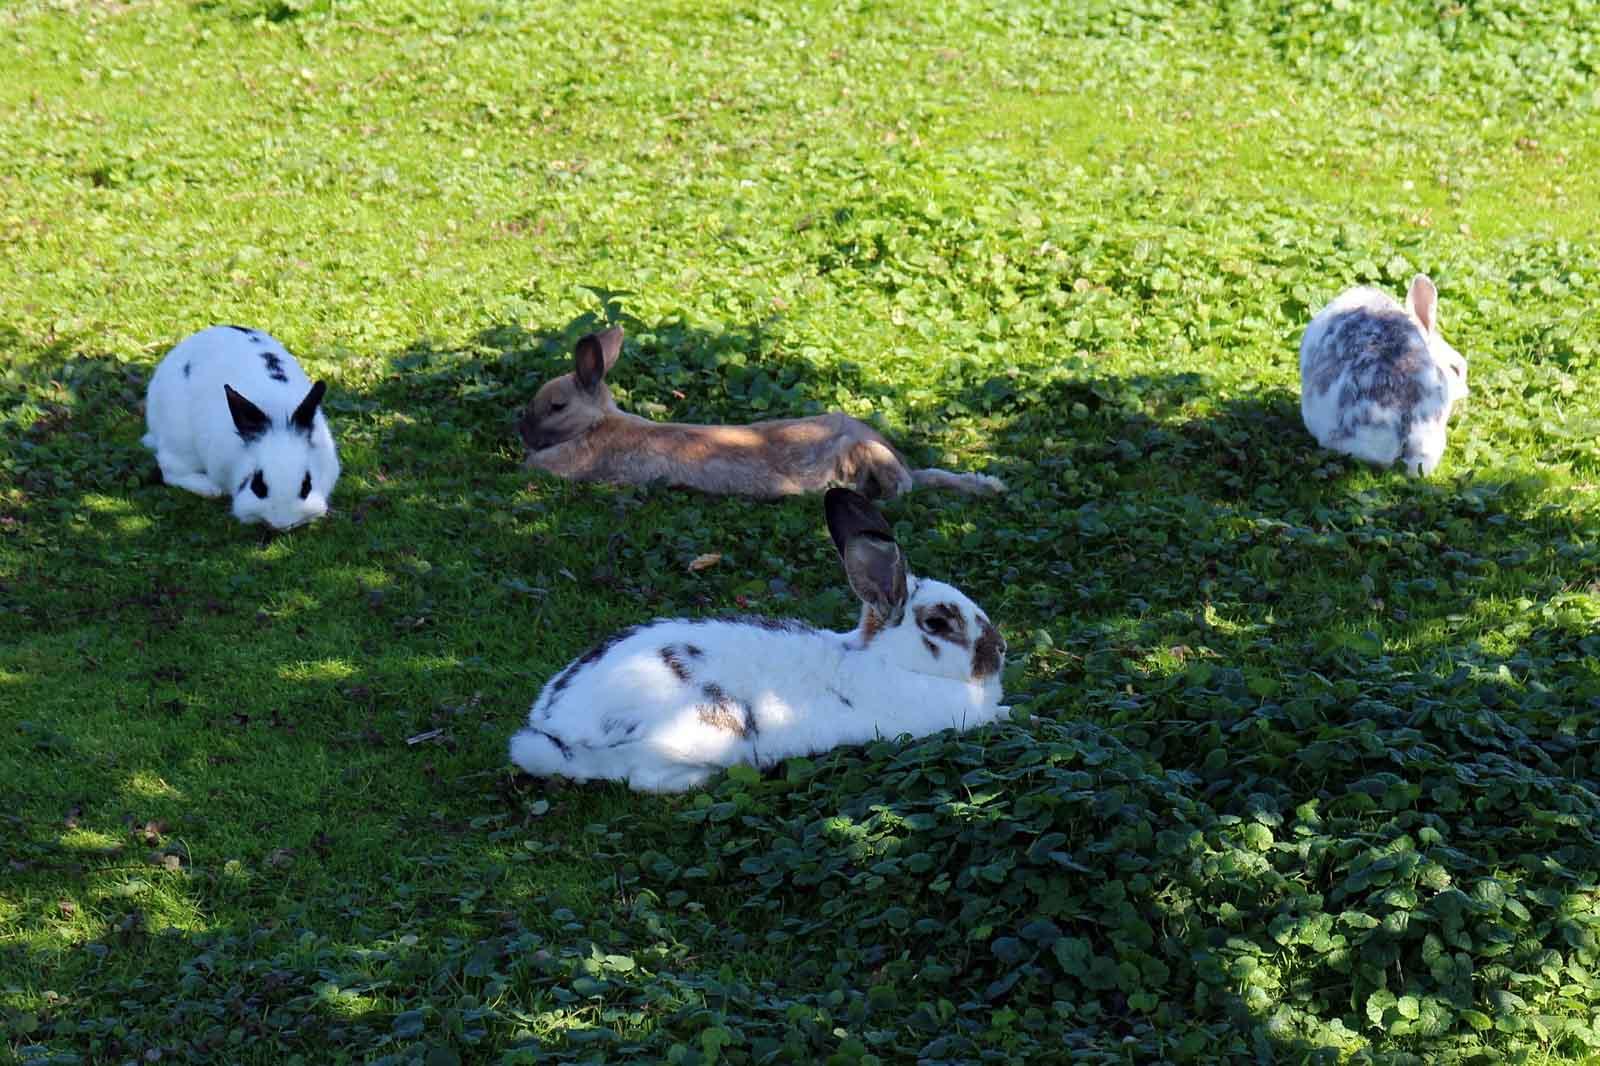 Lapins se reposant à l'extérieur dans l'herbe